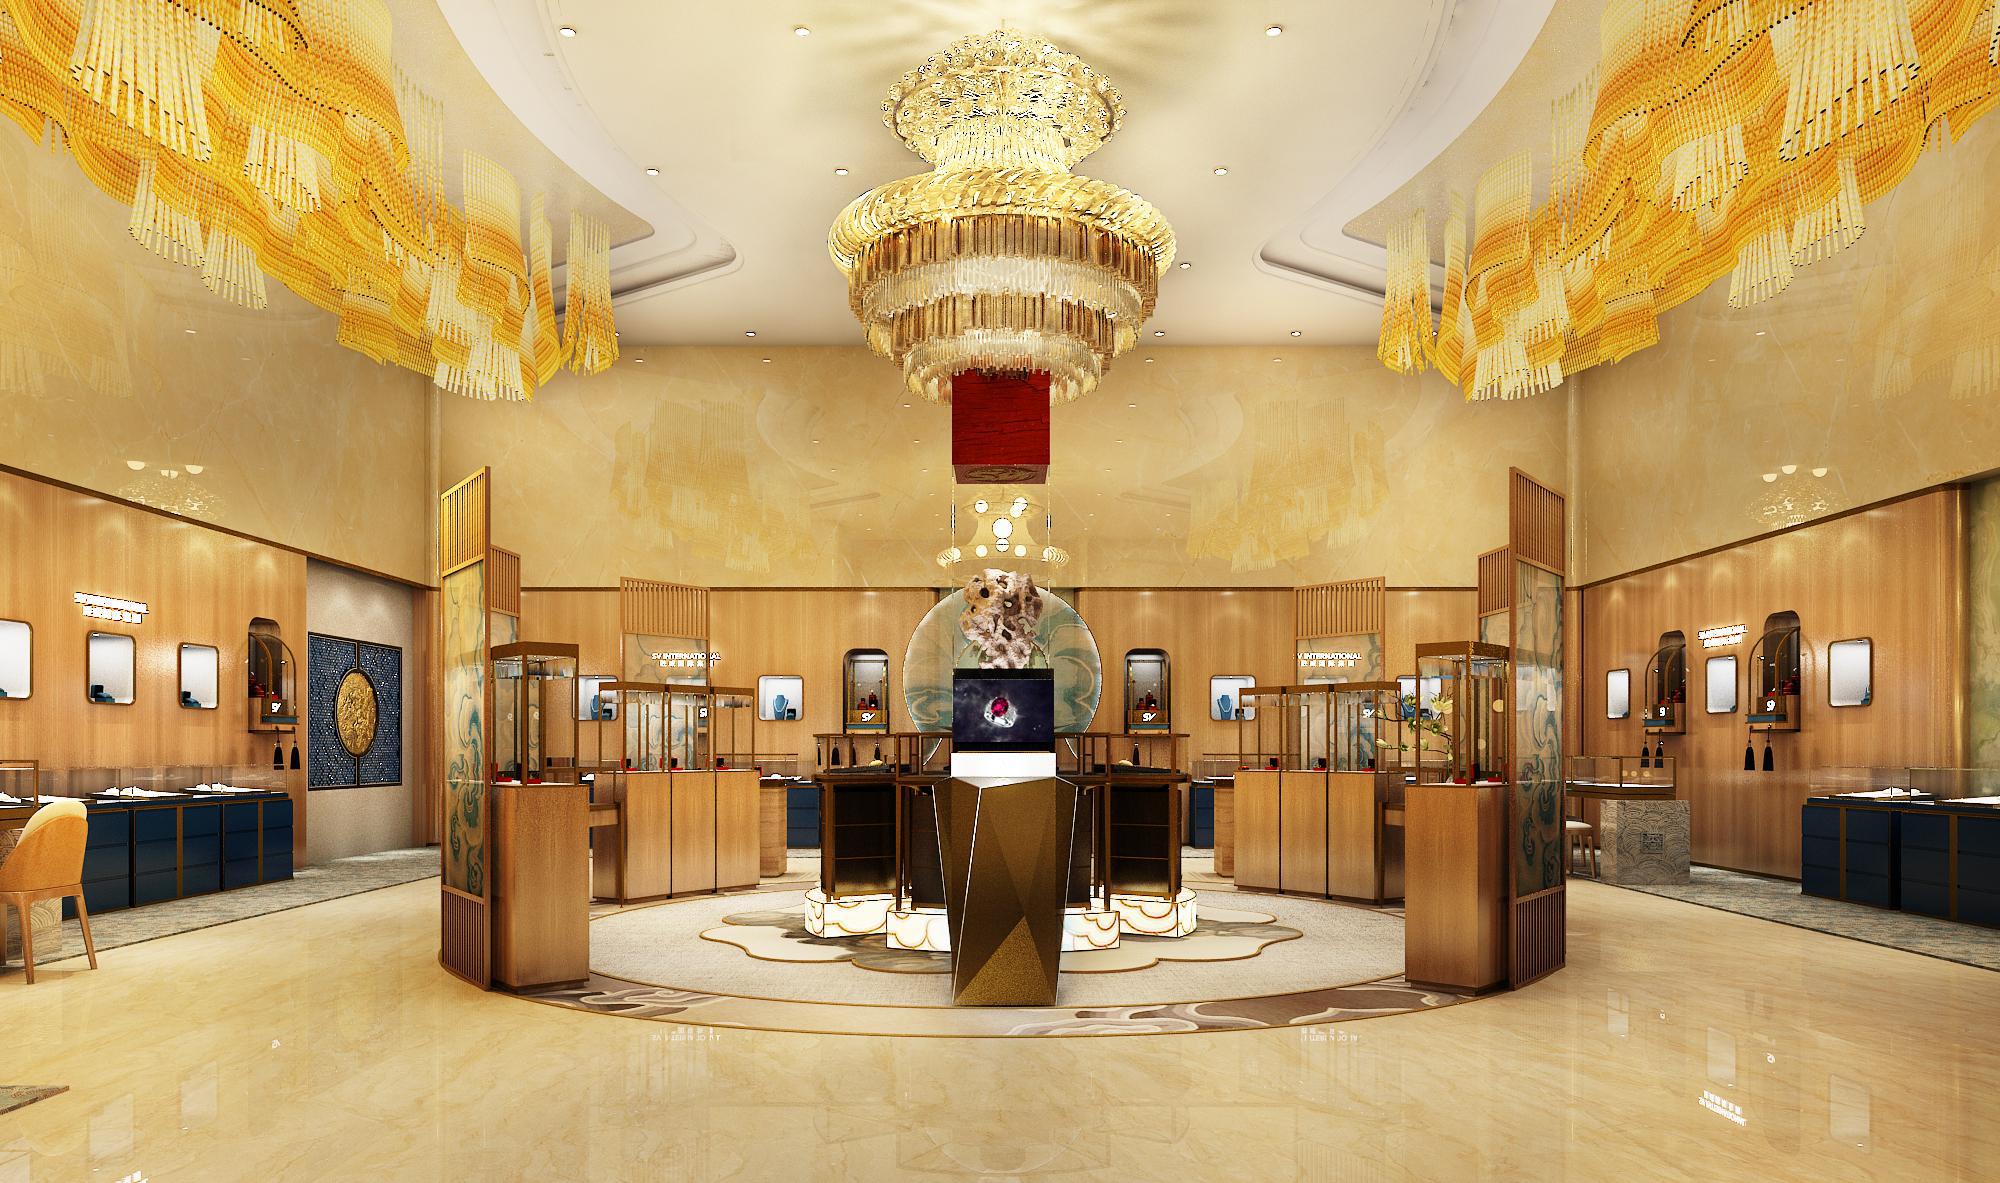 鼎贵展柜大师:功能与价值?你可知展柜能直接影响珠宝店的兴衰?